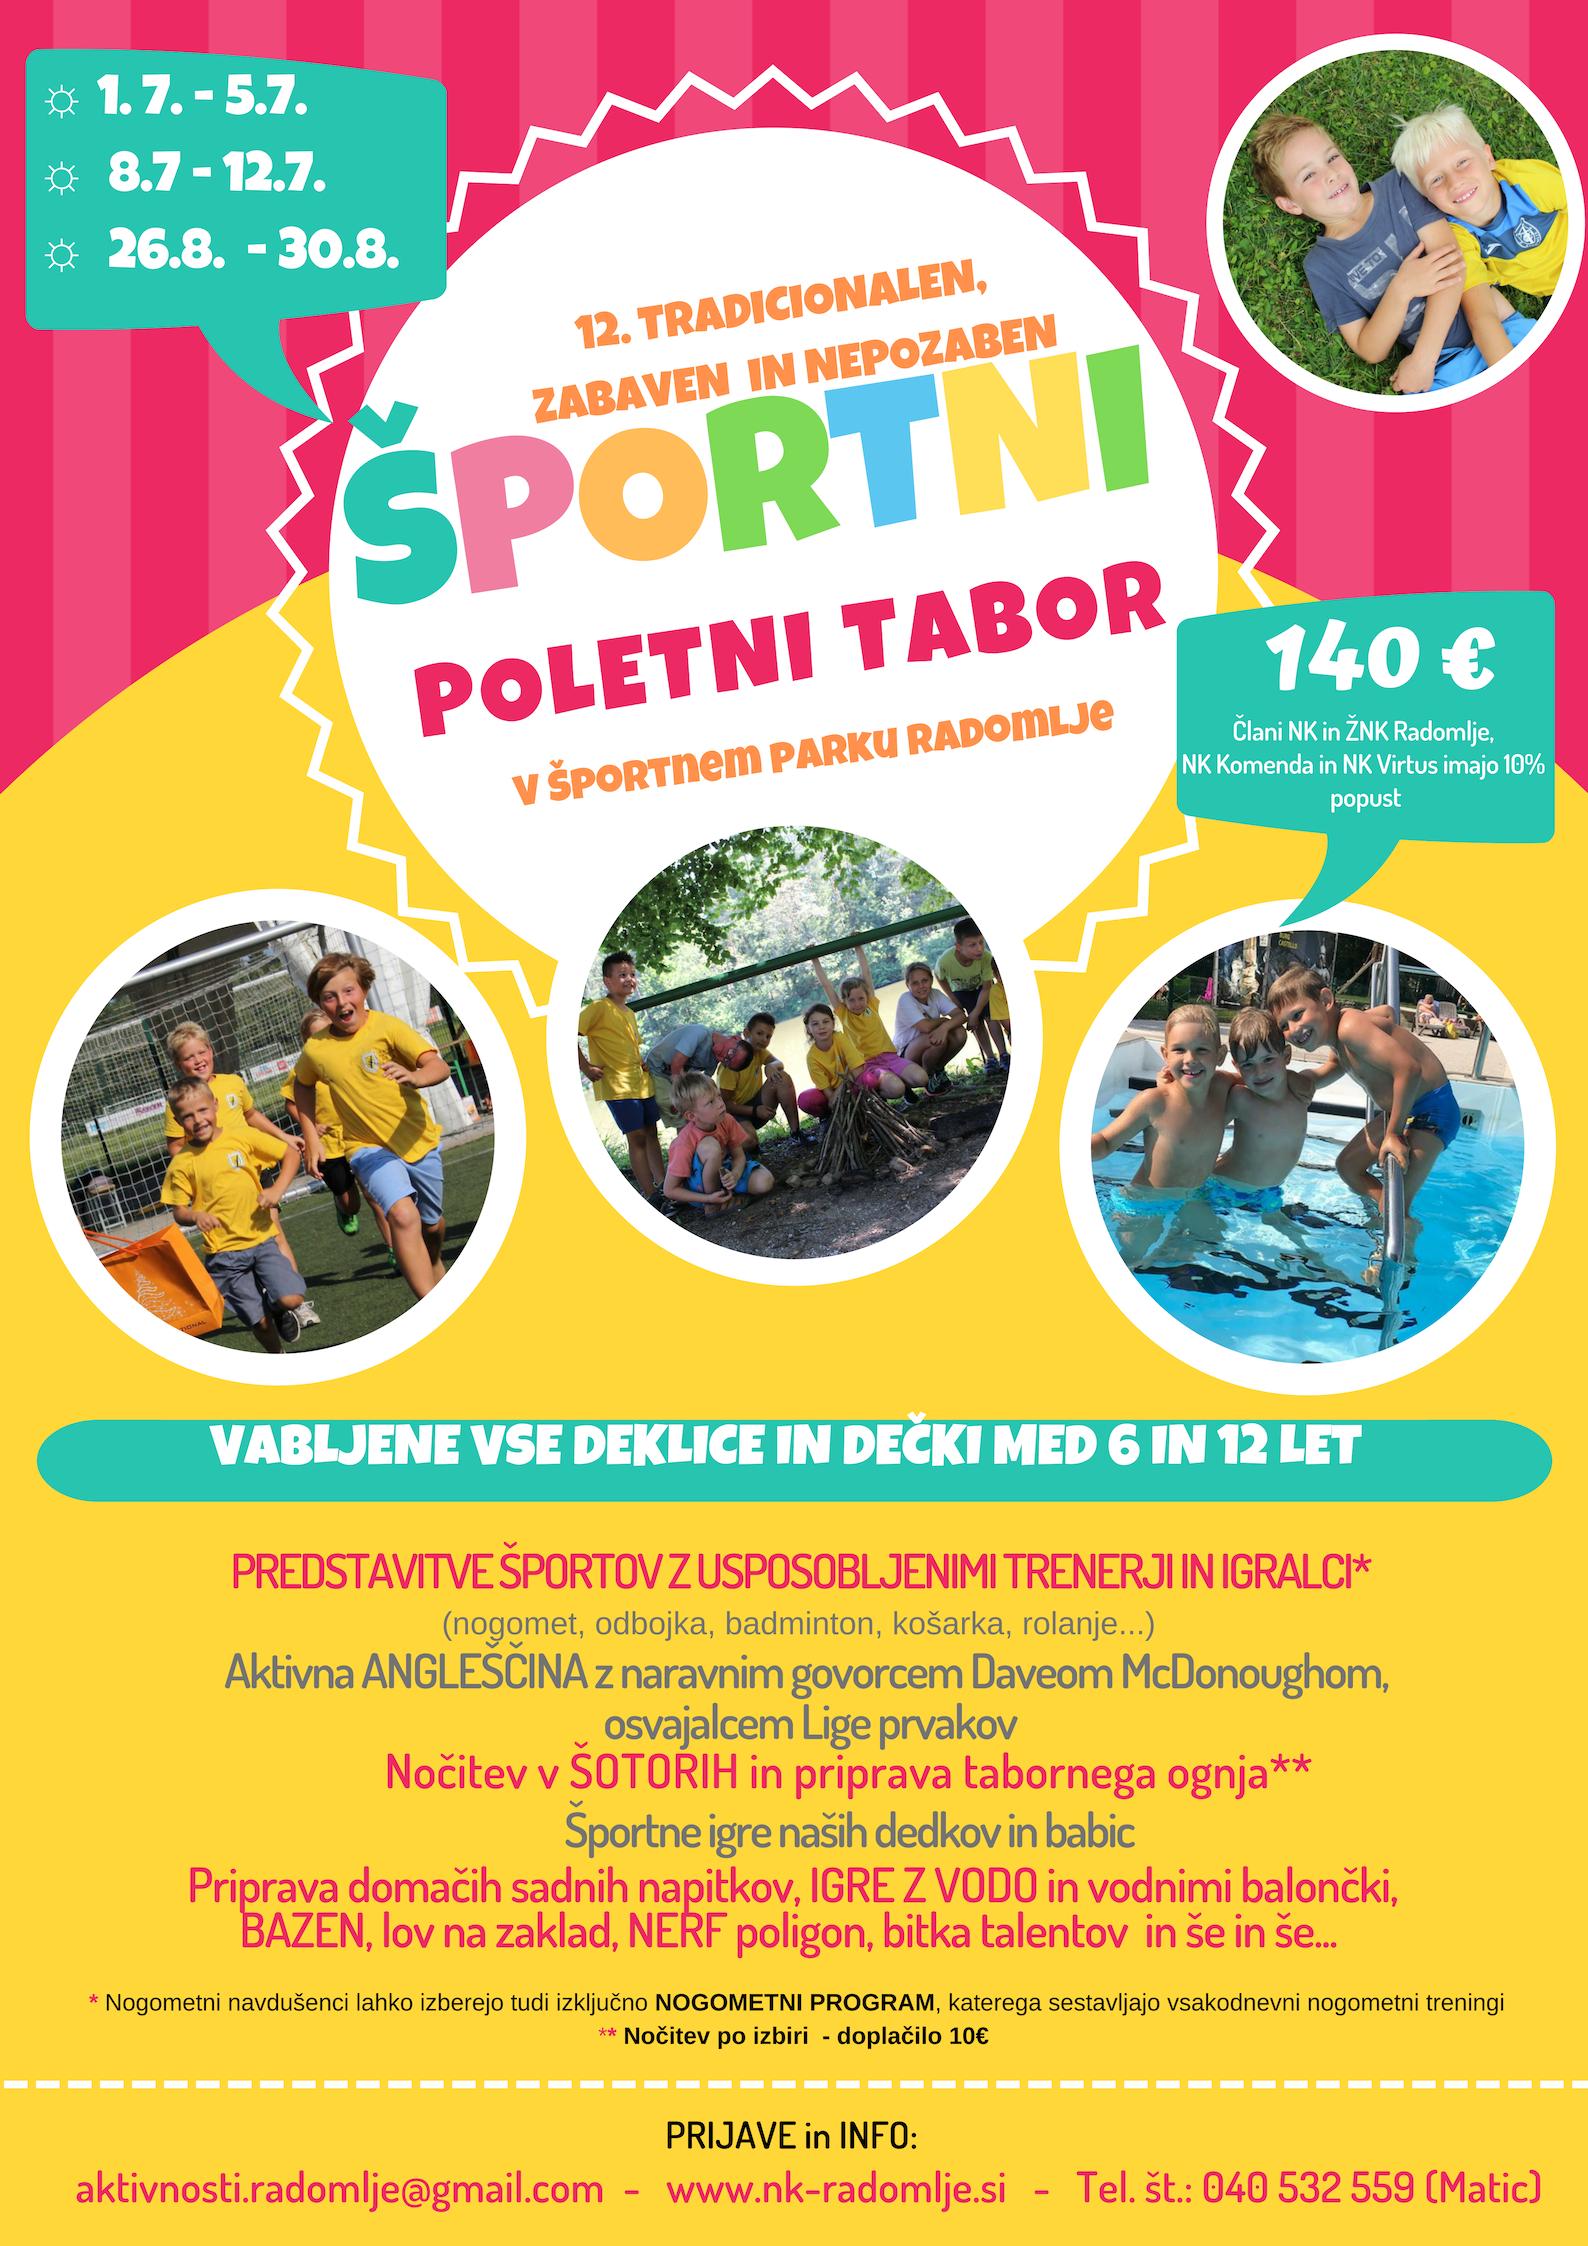 Športni poletni tabor 2019